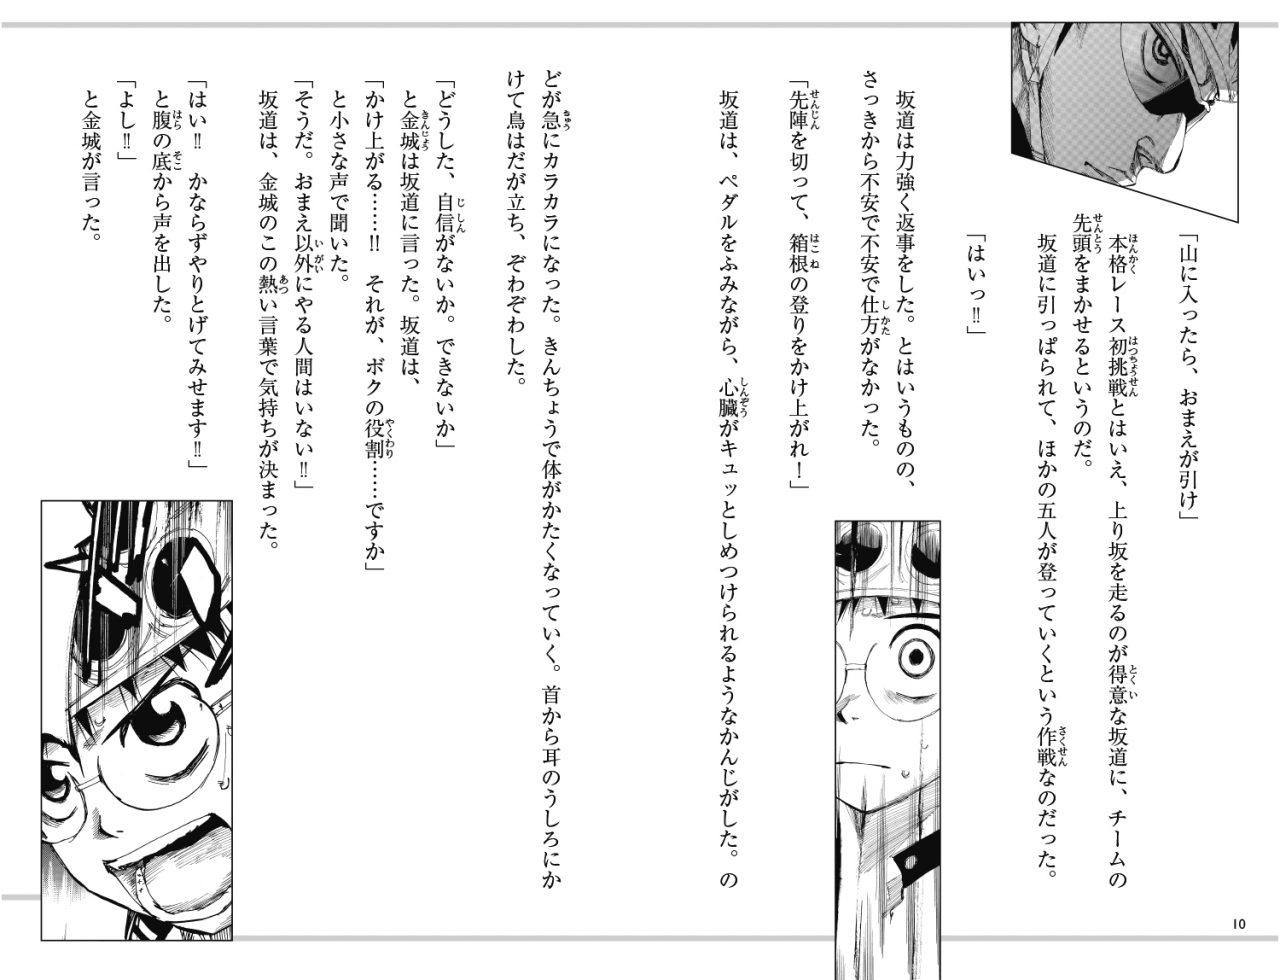 渡辺航先生の漫画のカットをふんだんに挿入!